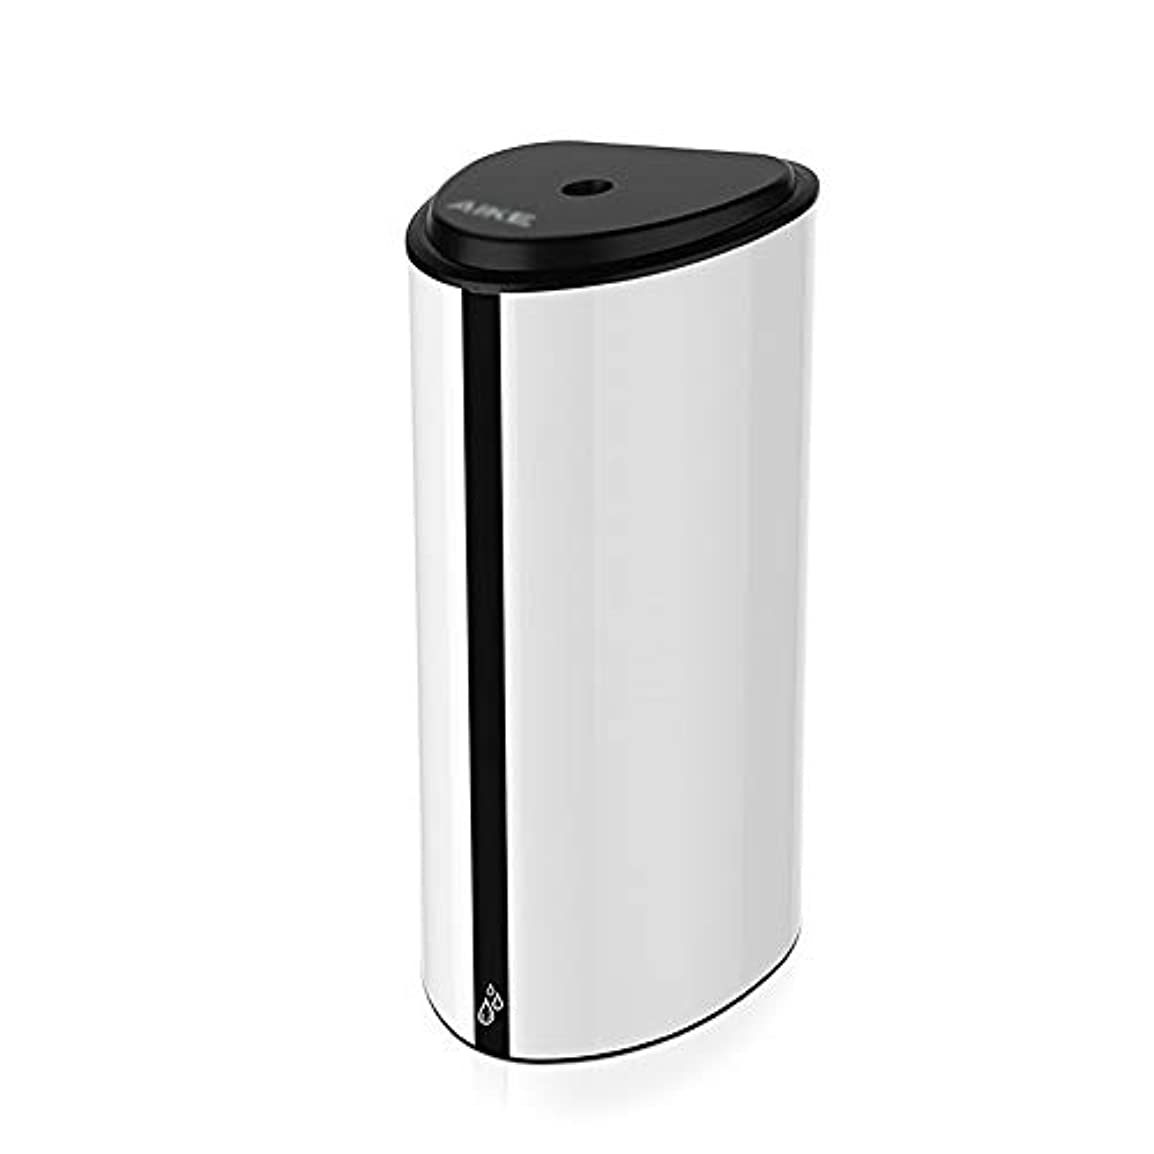 に対処する疲れたタイルソープディスペンサー 800ミリリットル容量の自動ソープディスペンサーは、タッチレスバッテリーは、ハンズフリーソープディスペンサーを運営しました ハンドソープ 食器用洗剤 キッチン 洗面所などに適用 (Color : White...